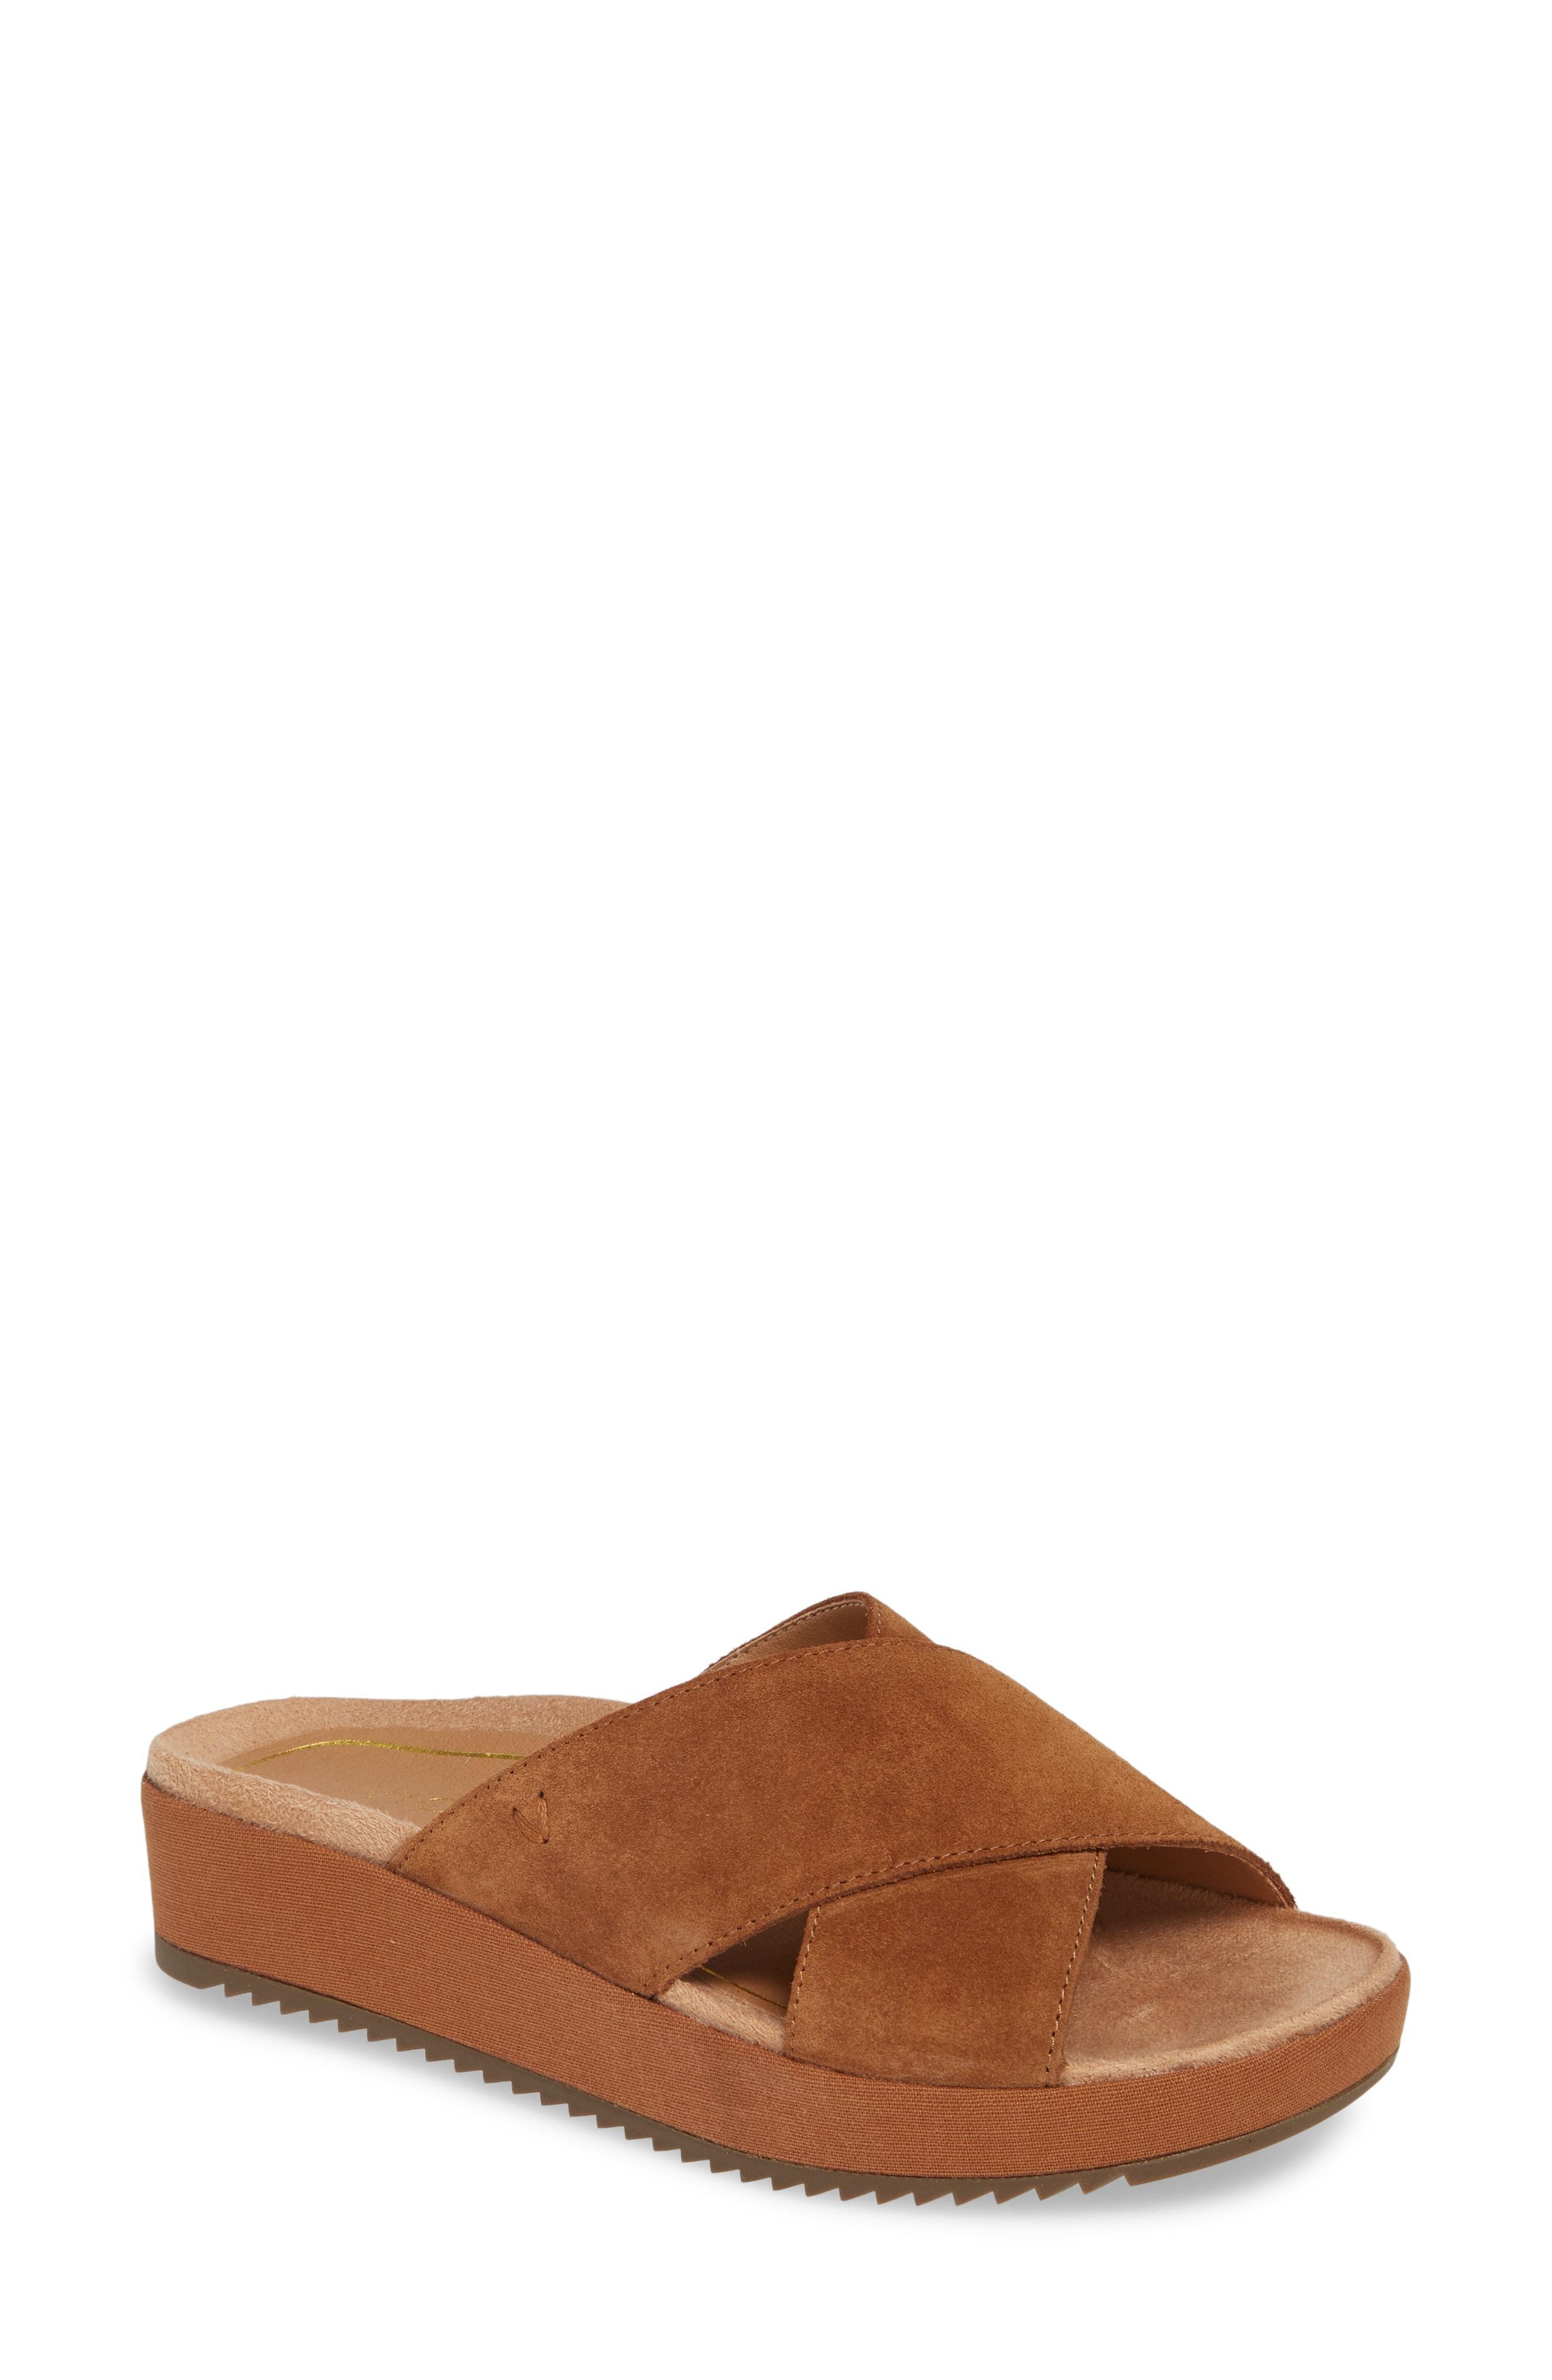 35ca89dd1ab6 Lyst - Vionic Hayden Wedge Slide Sandal in Brown